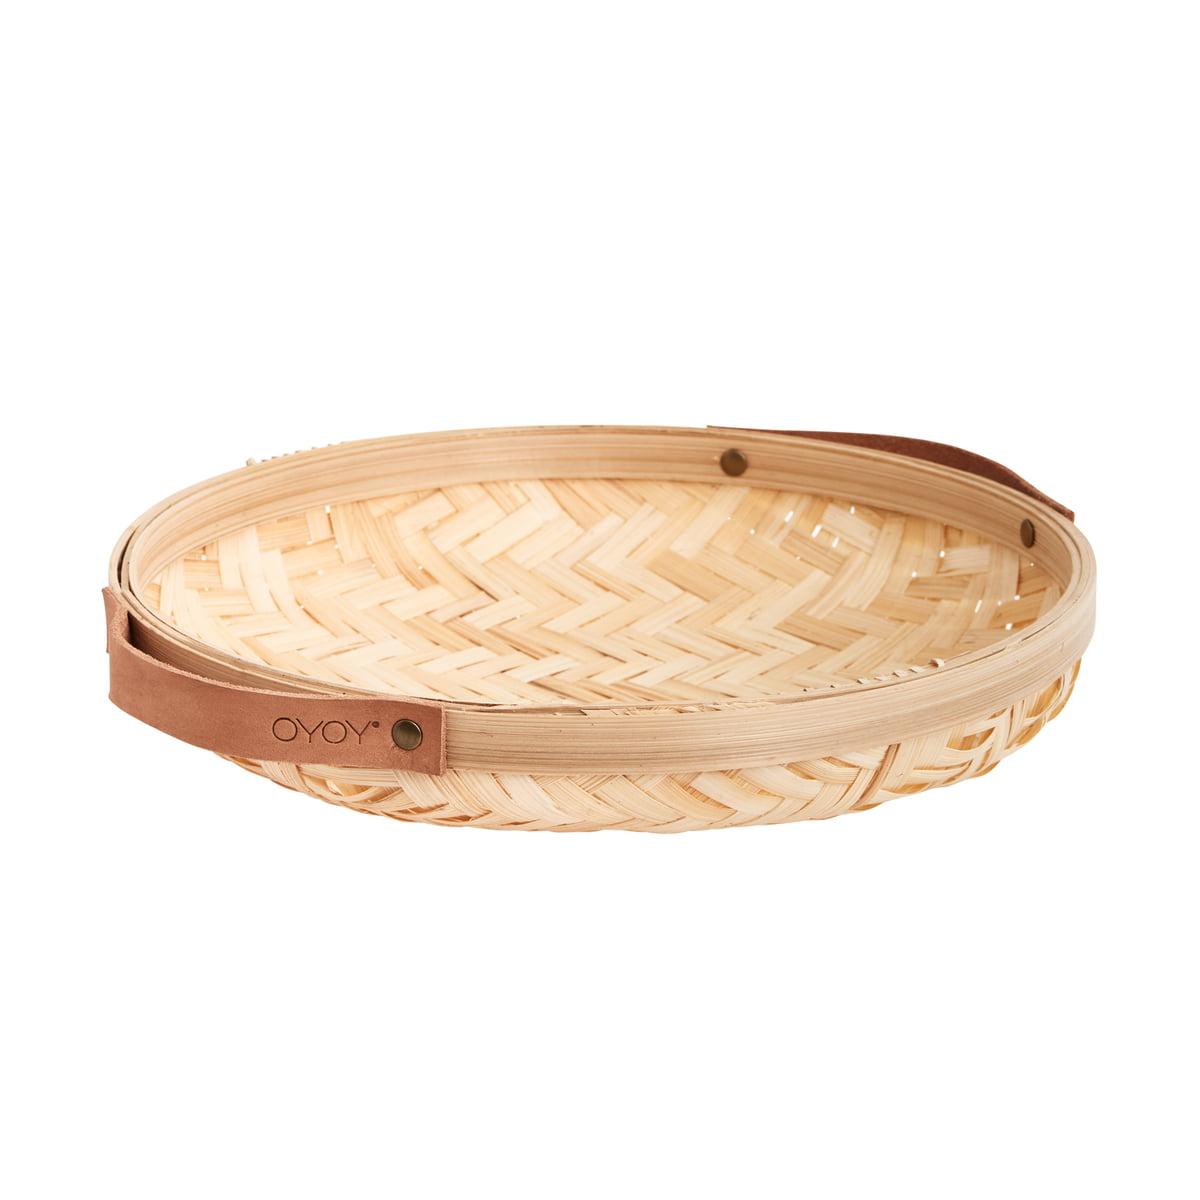 OYOY - Sporta Brotkorb, Ø 30 x 5,5 cm, Bambus natur | Küche und Esszimmer > Aufbewahrung > Brotkasten | OYOY